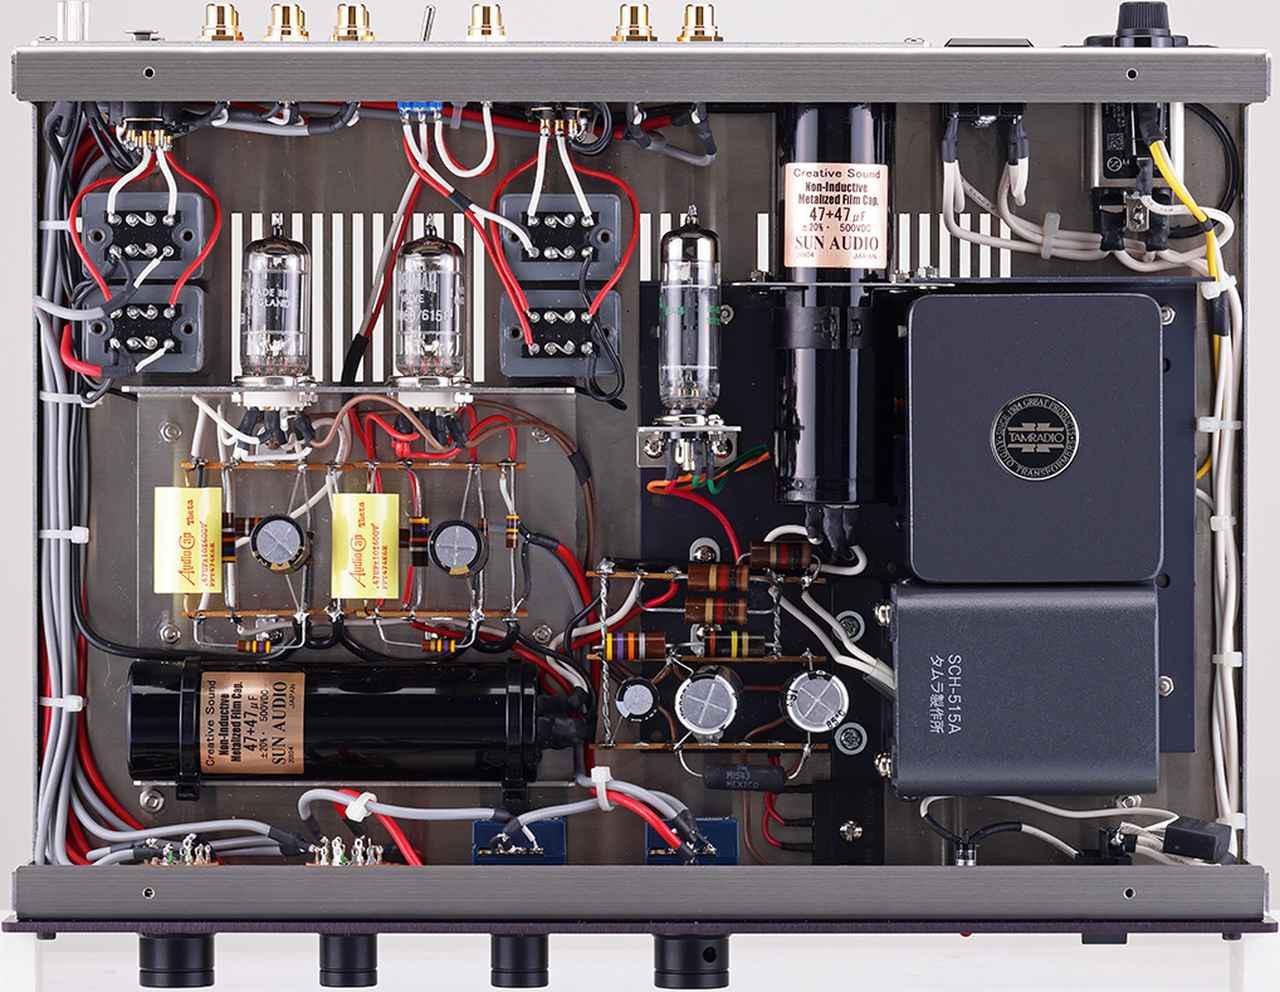 画像: 天板を開けた内部。信号増幅部にはローノイズかつ長寿命の英国BRIMAR製の高信頼管CV4068/6158を採用。電源部と増幅部には自社製ブロック型メタライズドフィルムコンデンサーを各1個使用、チョークには同社パワーアンプにも採用のタムラ製特注品を横向きにして搭載。